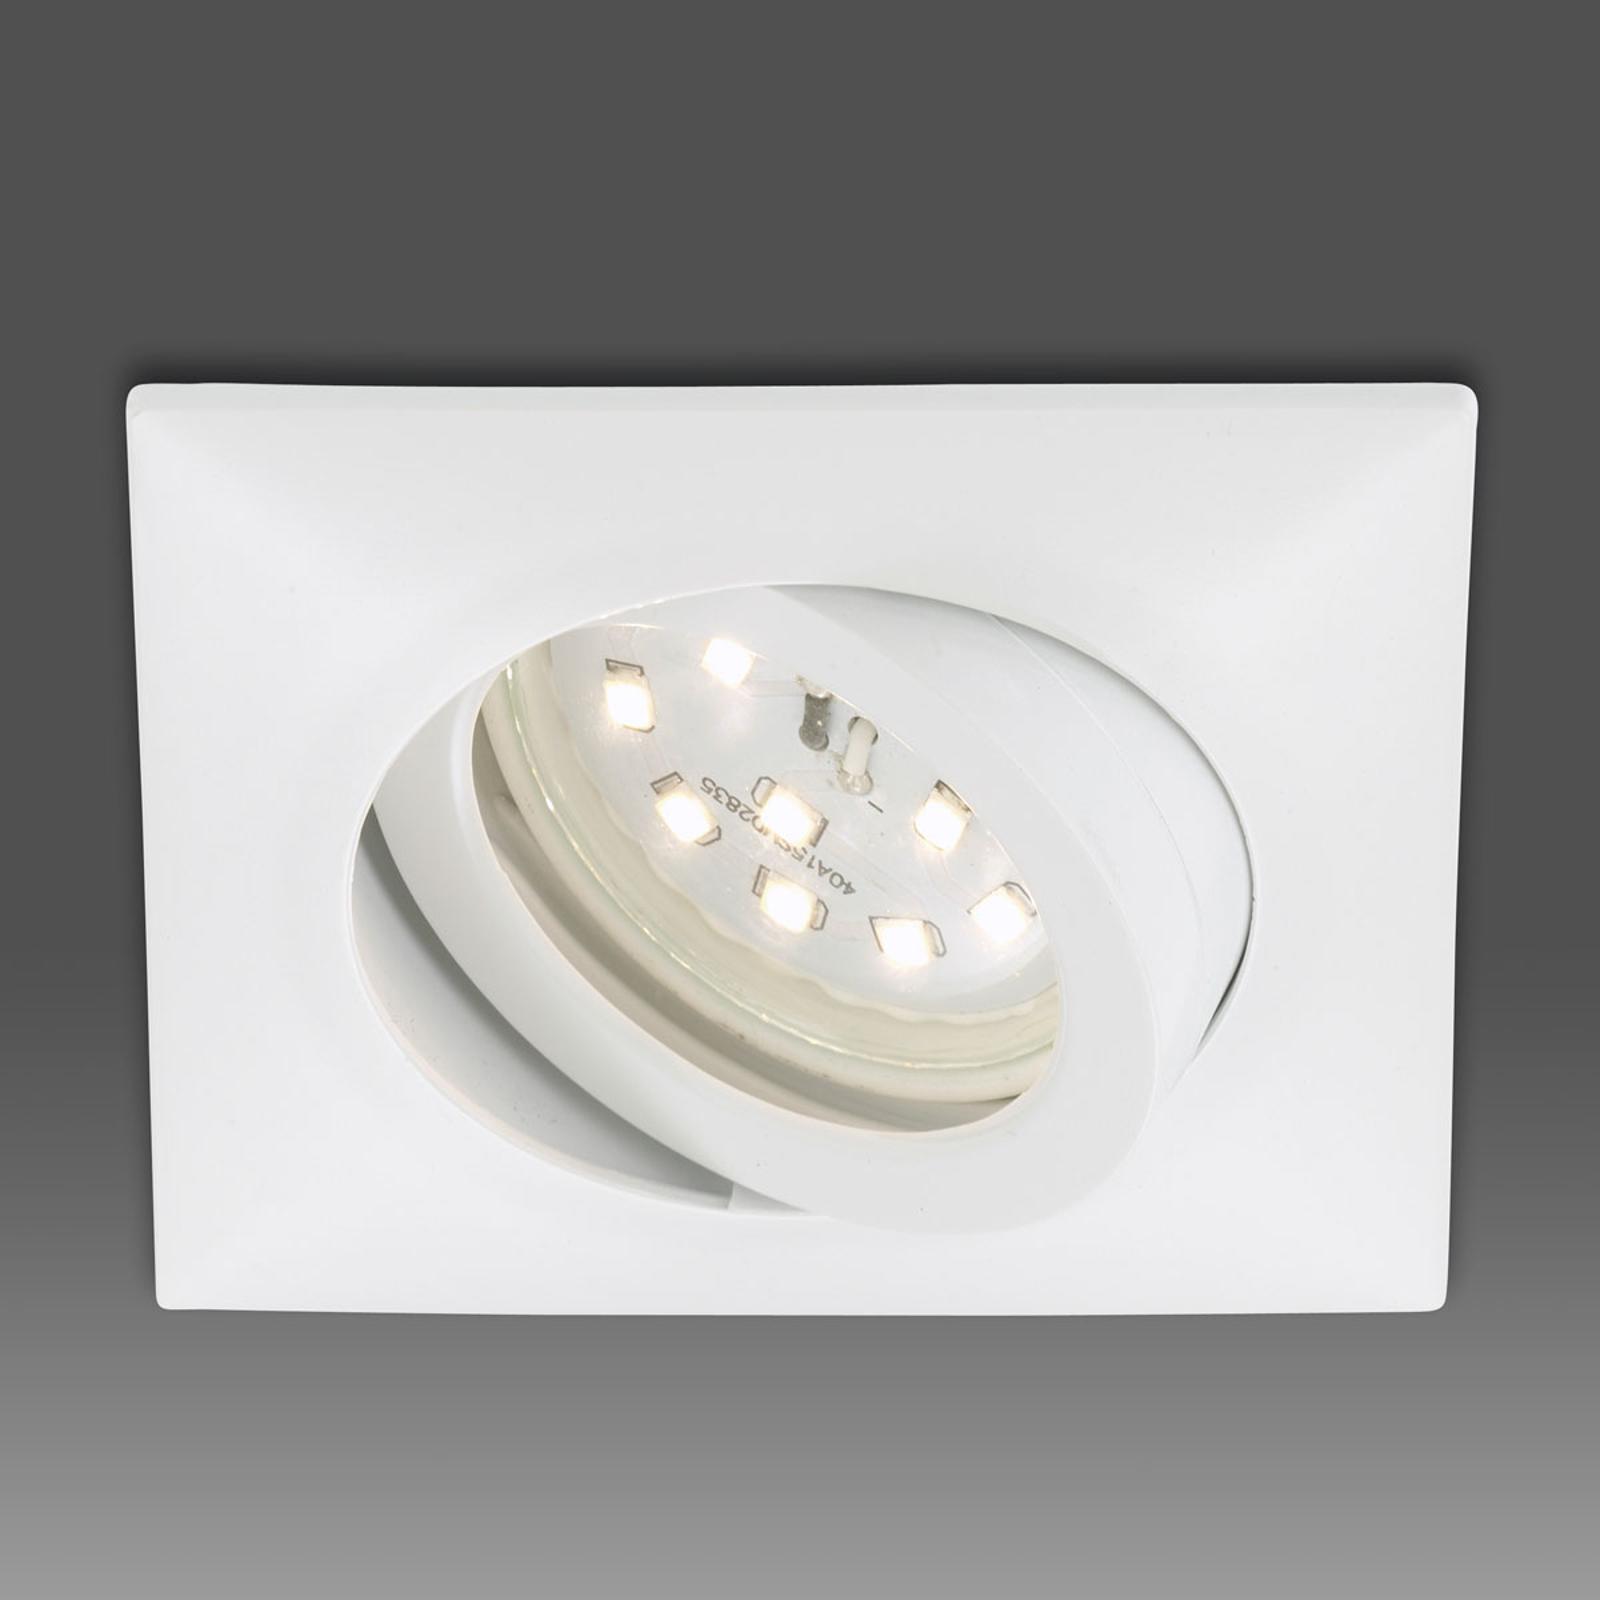 LED podhledové bodové svítidlo Erik bílé hranaté